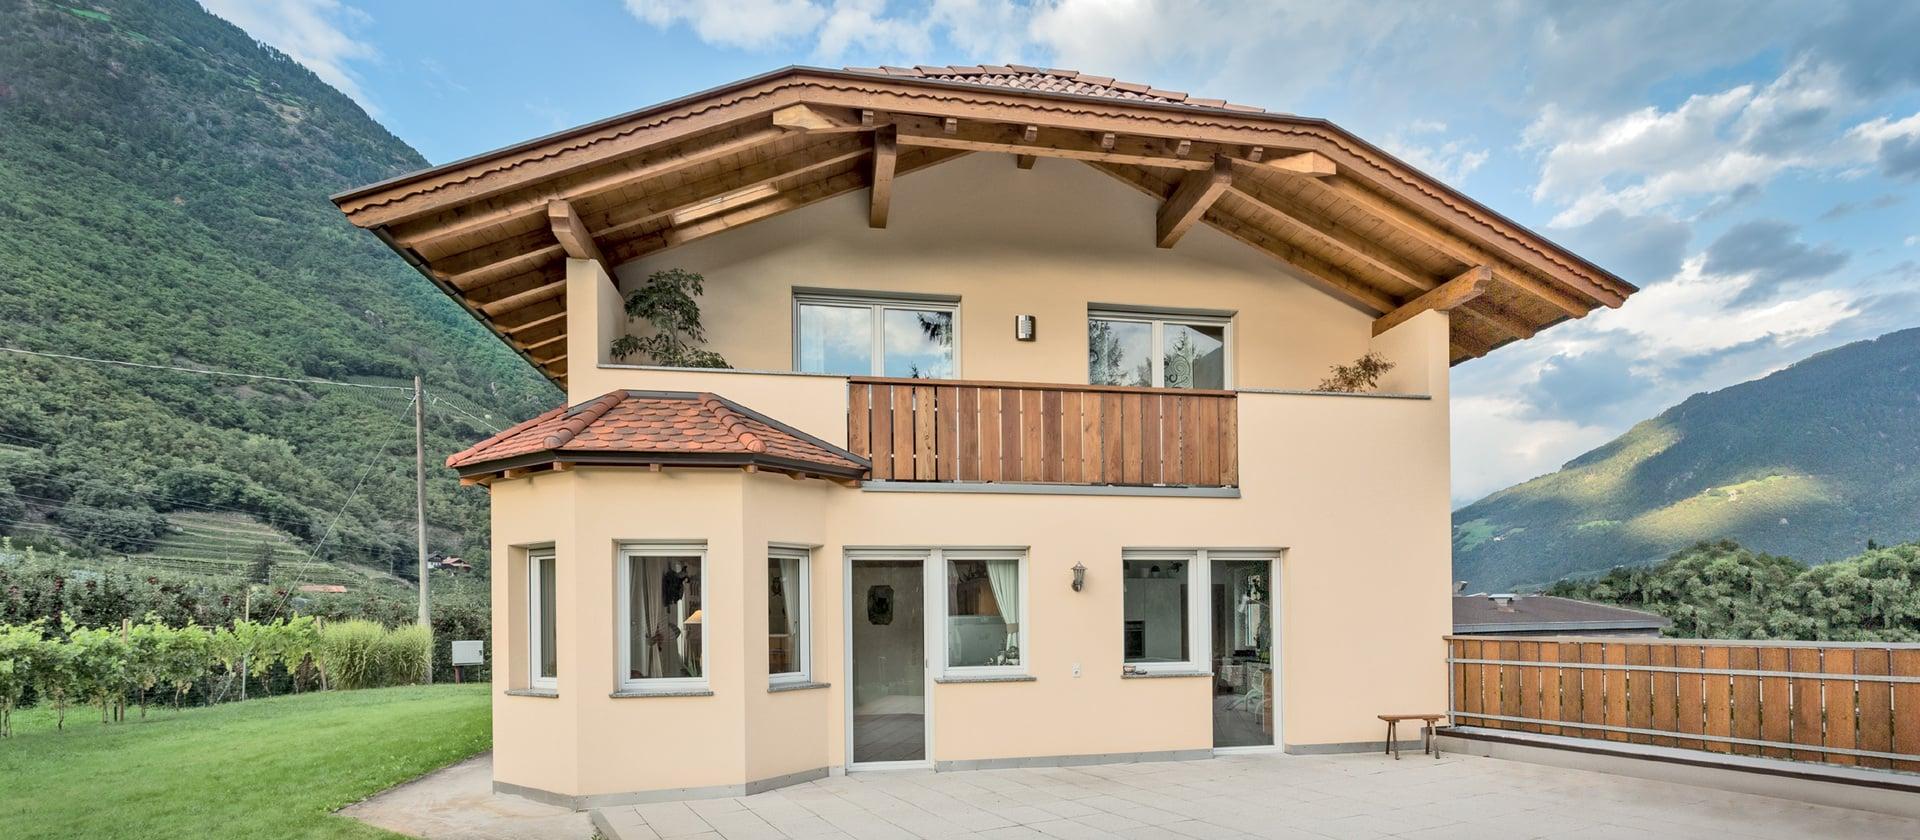 Casa privata a Naturno